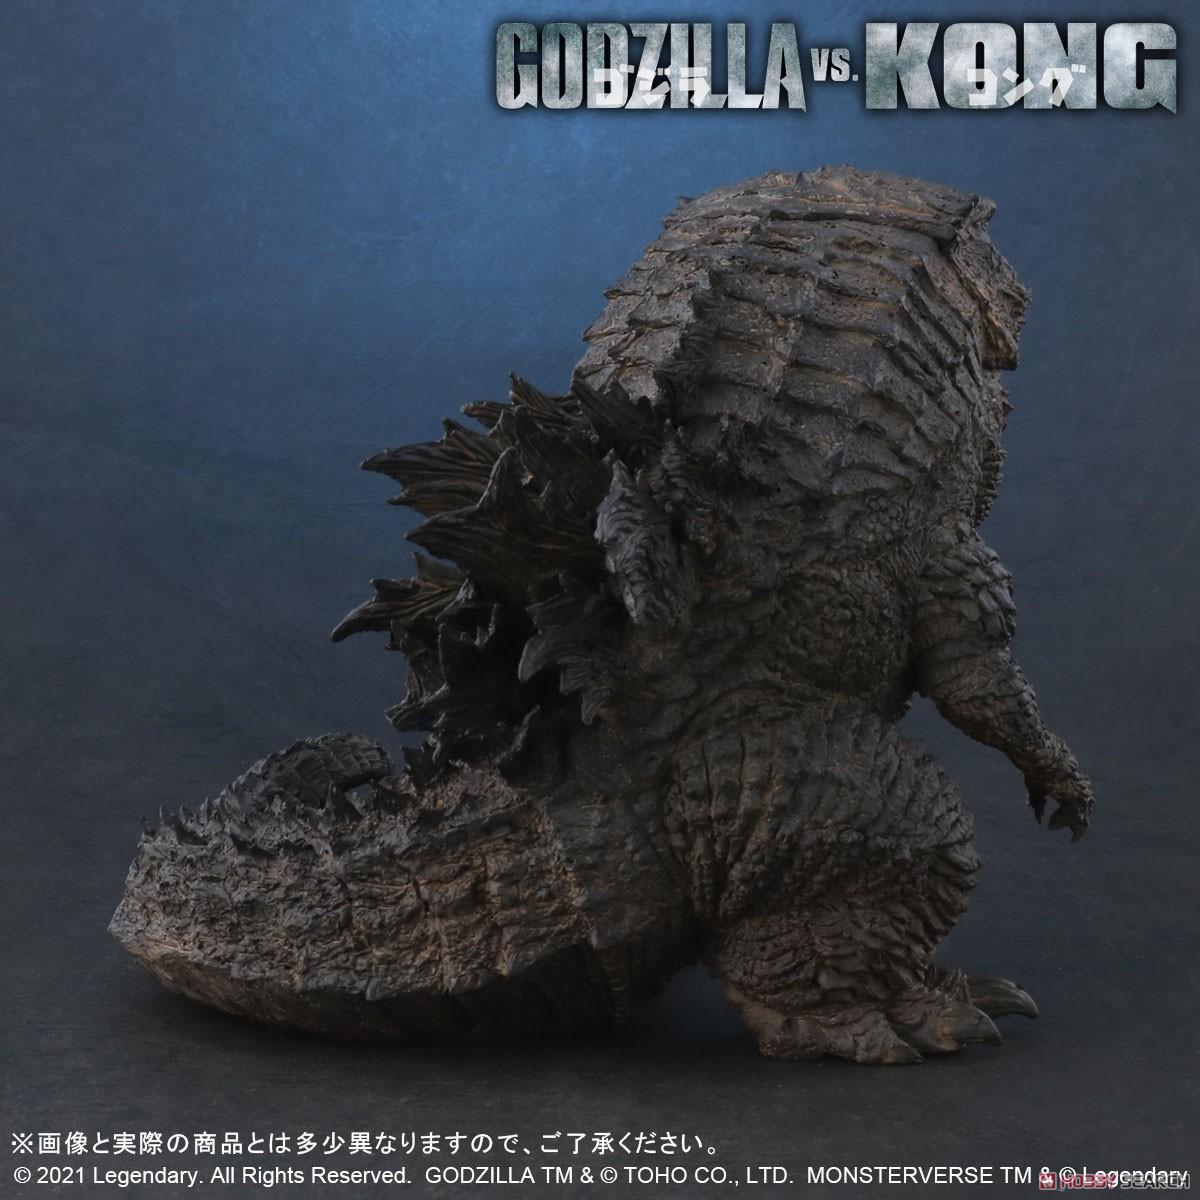 デフォリアル『GODZILLA FROM GODZILLA VS. KONG(2021)』ゴジラvsコング デフォルメ完成品フィギュア-005